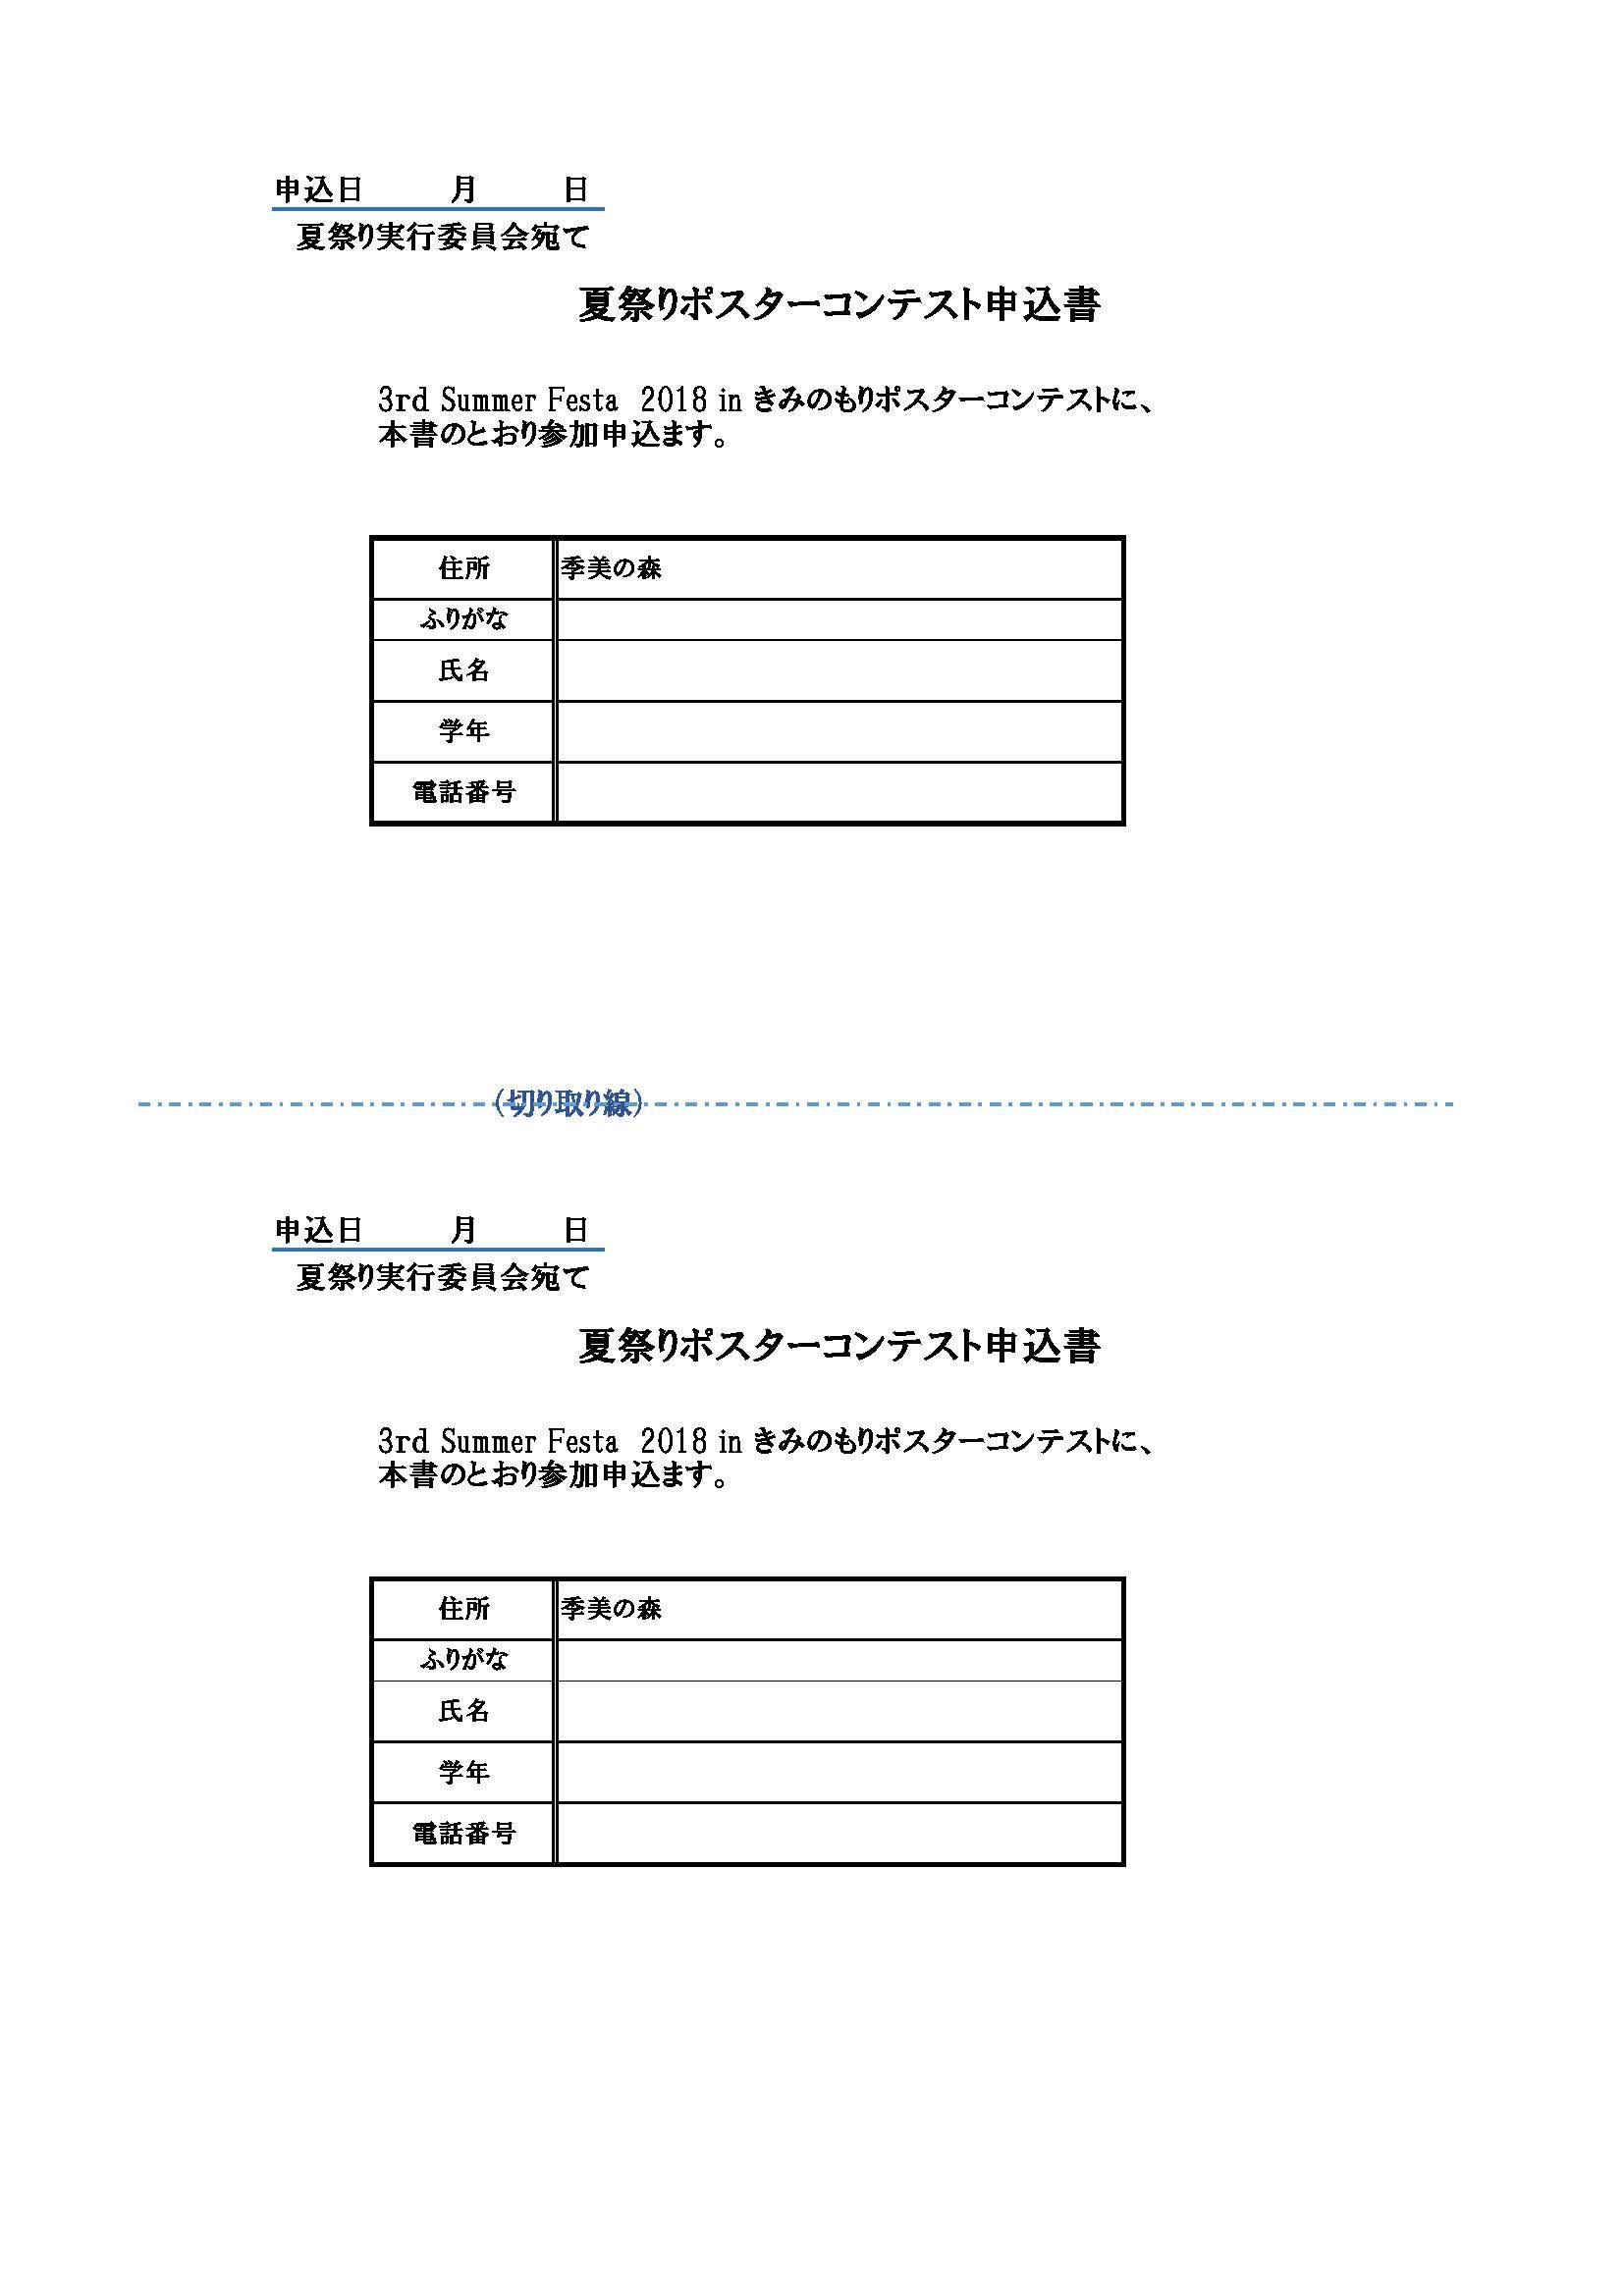 2.5.2 ポスターコンテスト_申込用紙